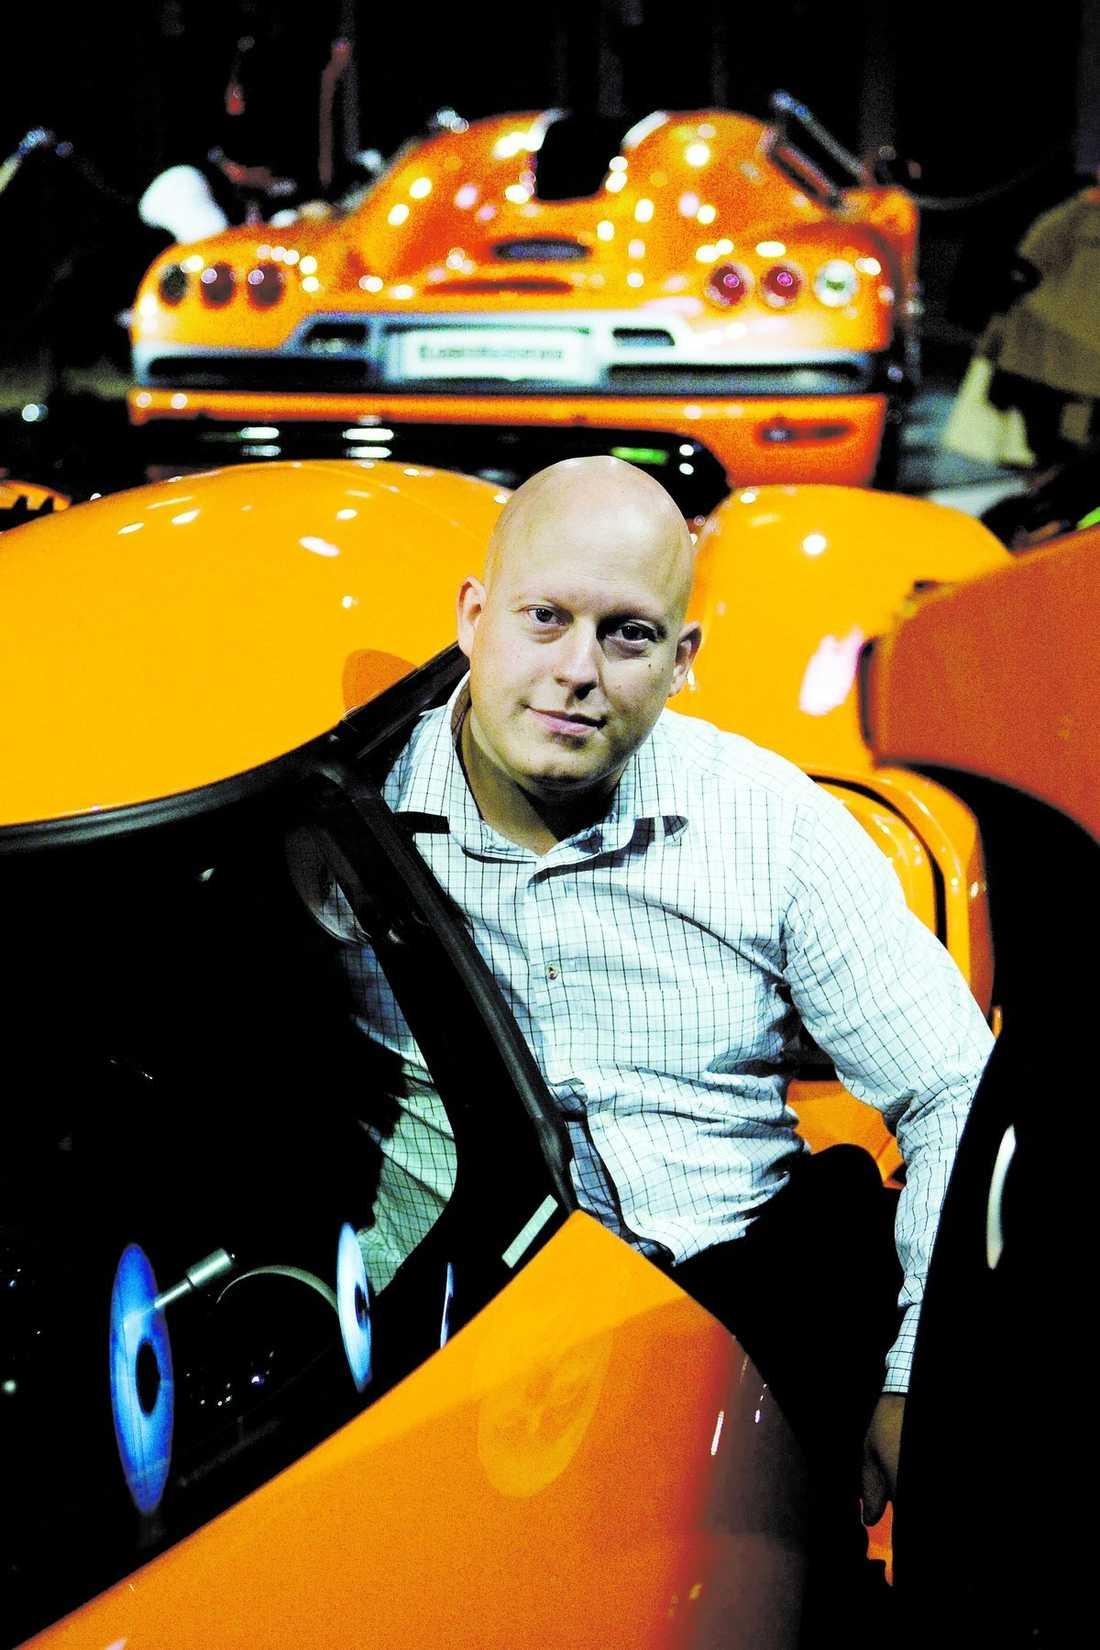 Christian von Koenigsegg i bilen med hans eget namn.